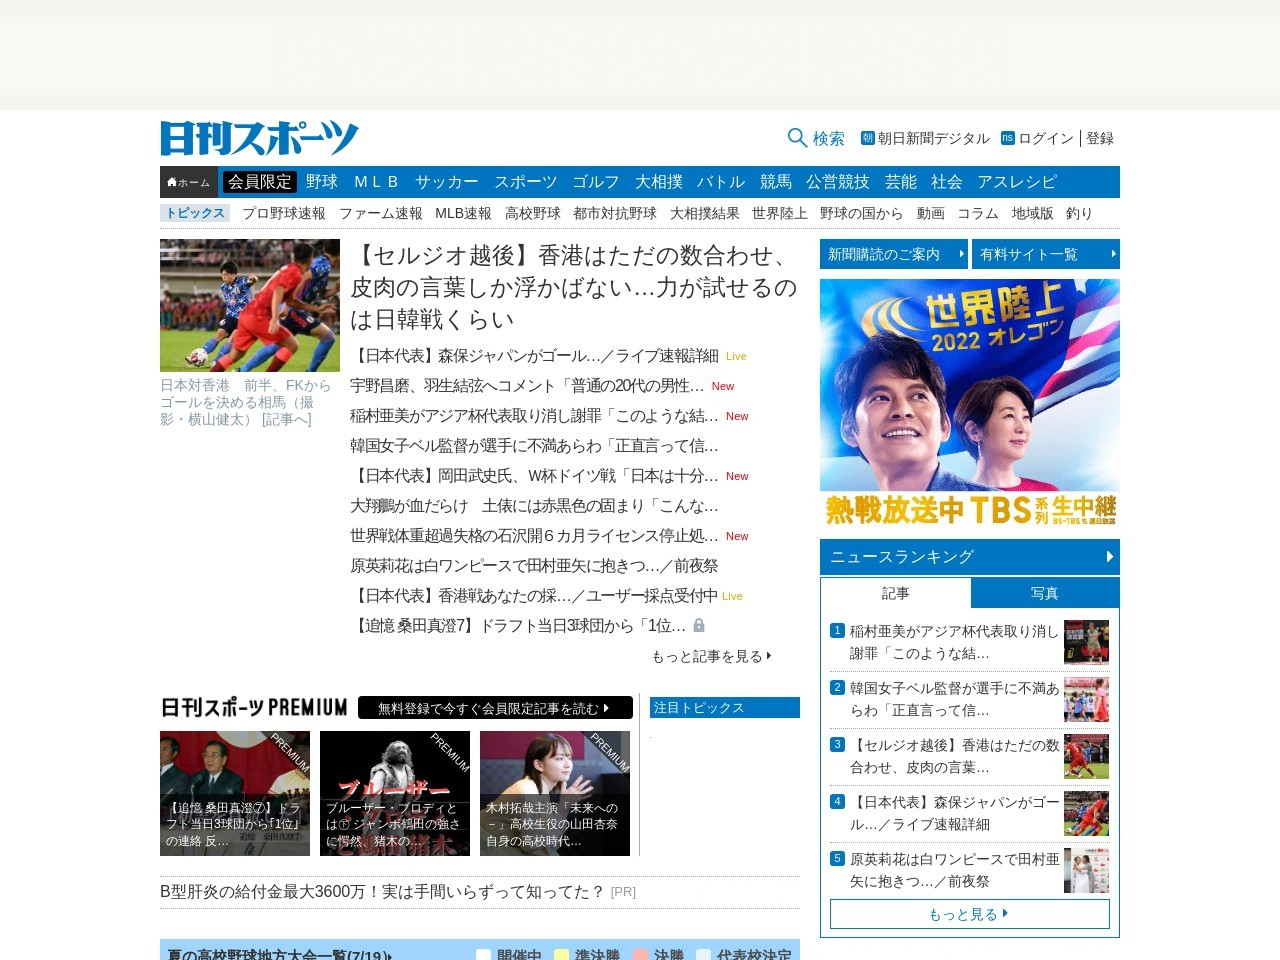 広島が丸の人的補償に34歳巨人長野を指名したワケ - プロ野球 : 日刊スポーツ